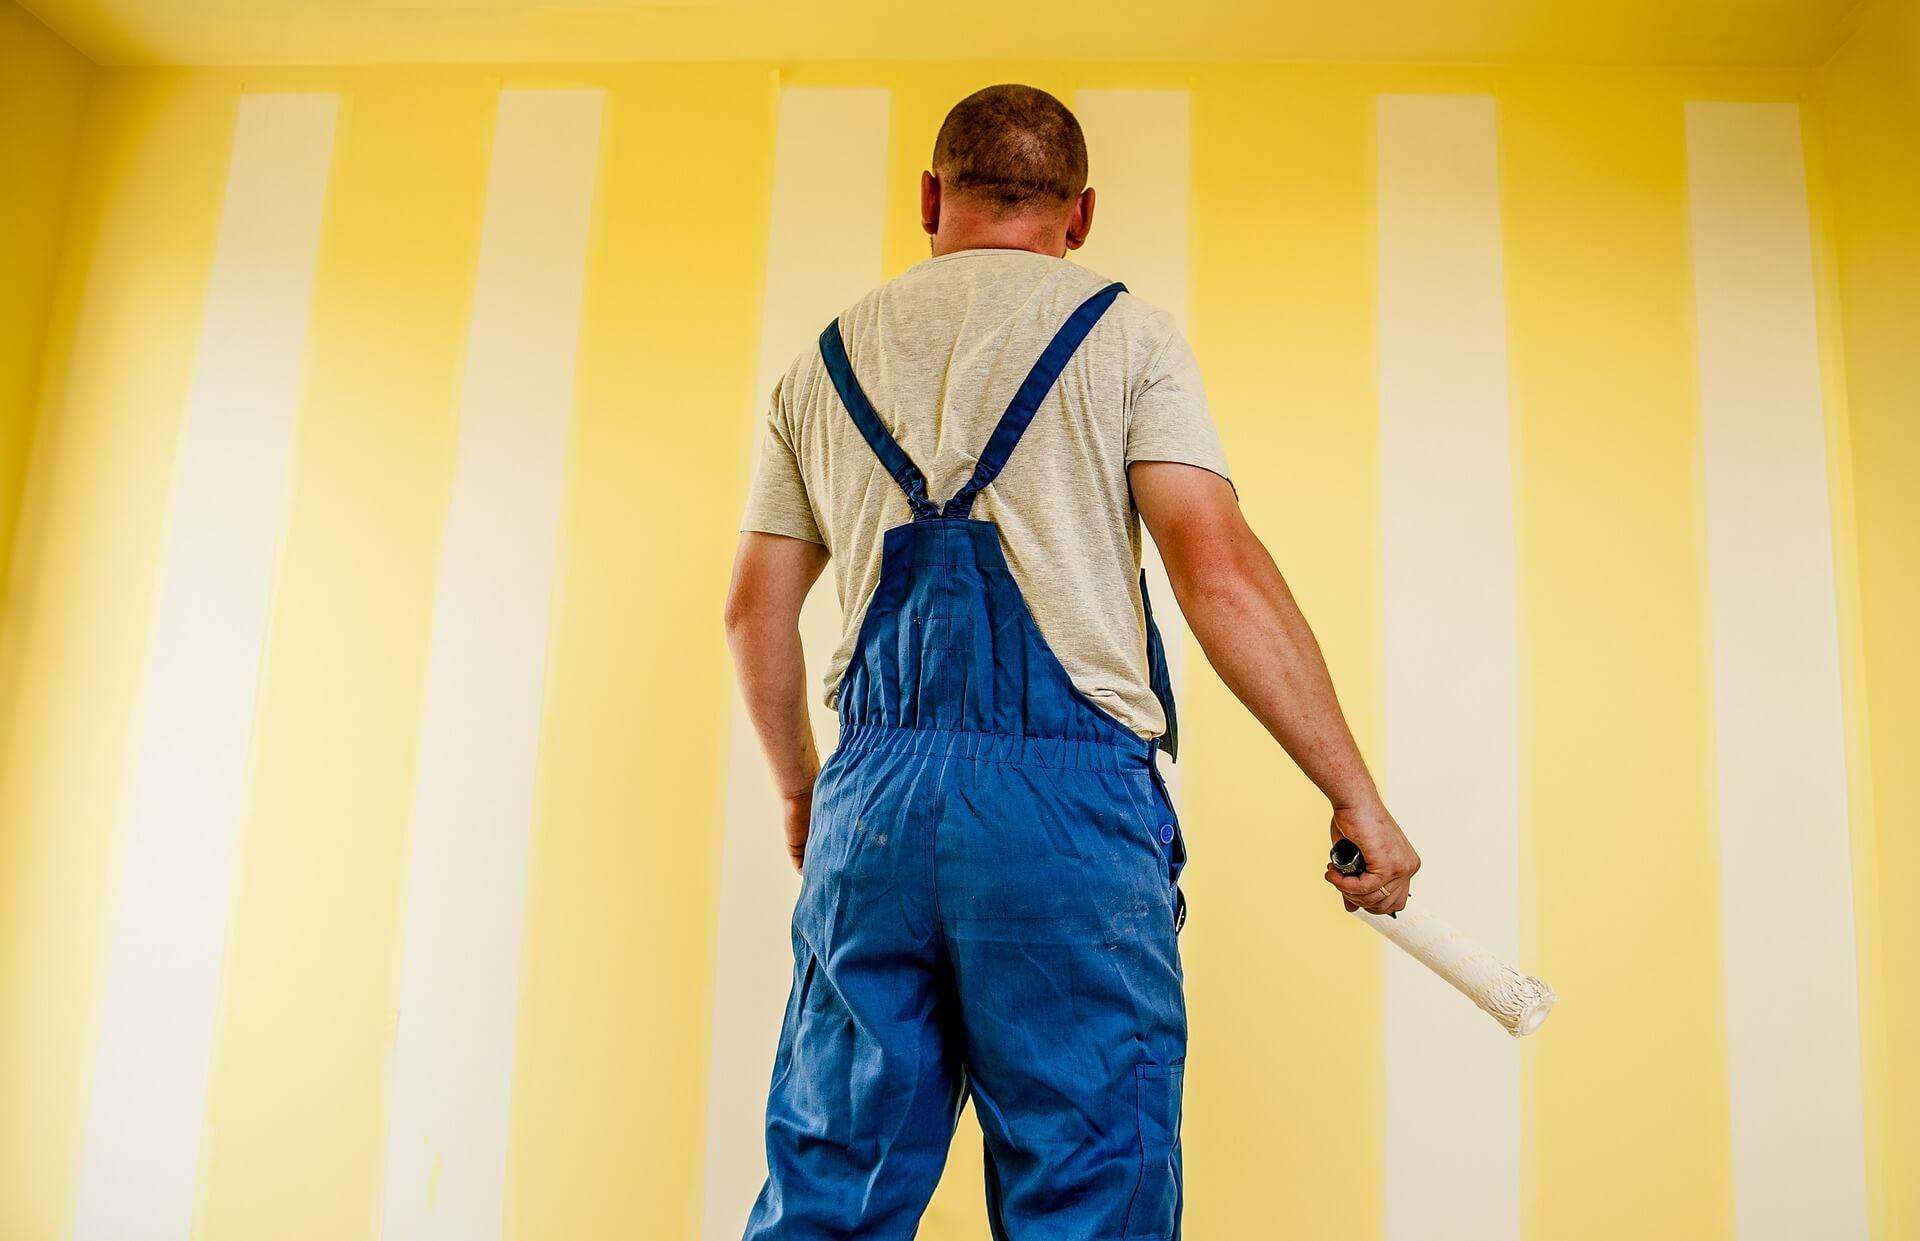 Vemos um homem pintando uma parede de amarelo (imagem ilustrativa). Texto: franquia reformas.